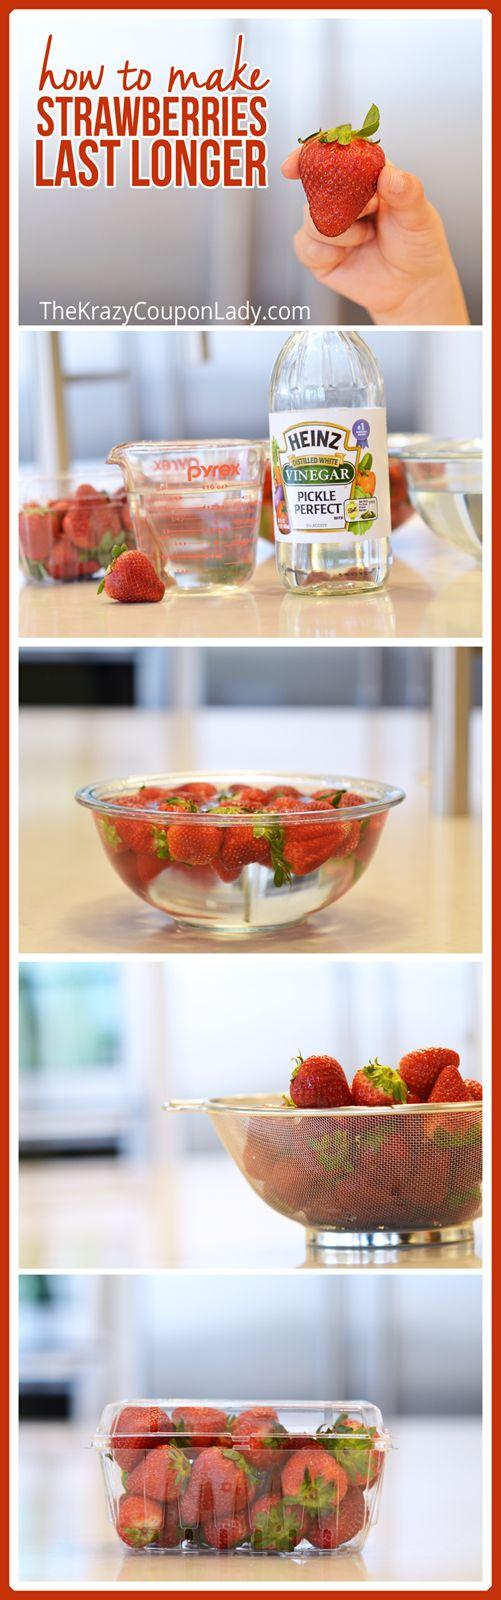 Dejar 10' en 3 medidas de agua+1 vinagre. Dejar secar bien. Guardarlas en su envase.Duran 8 días